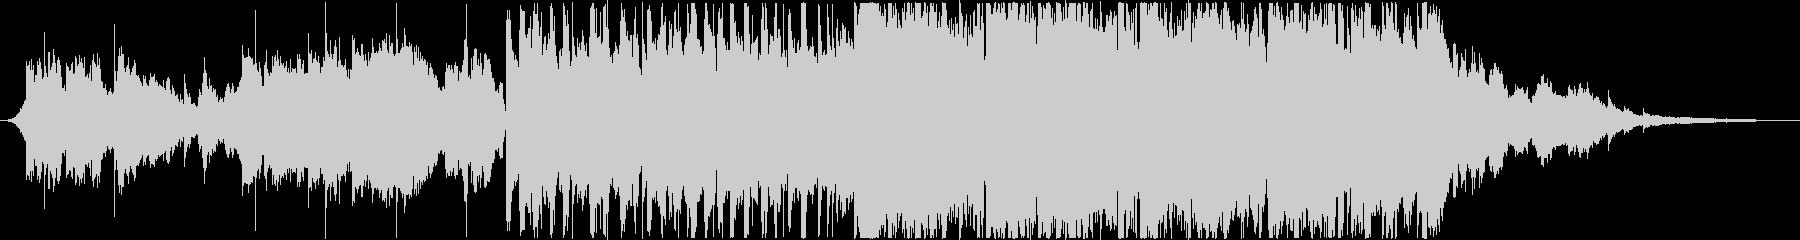 サックスが艶やかなバラード曲_ver2の未再生の波形